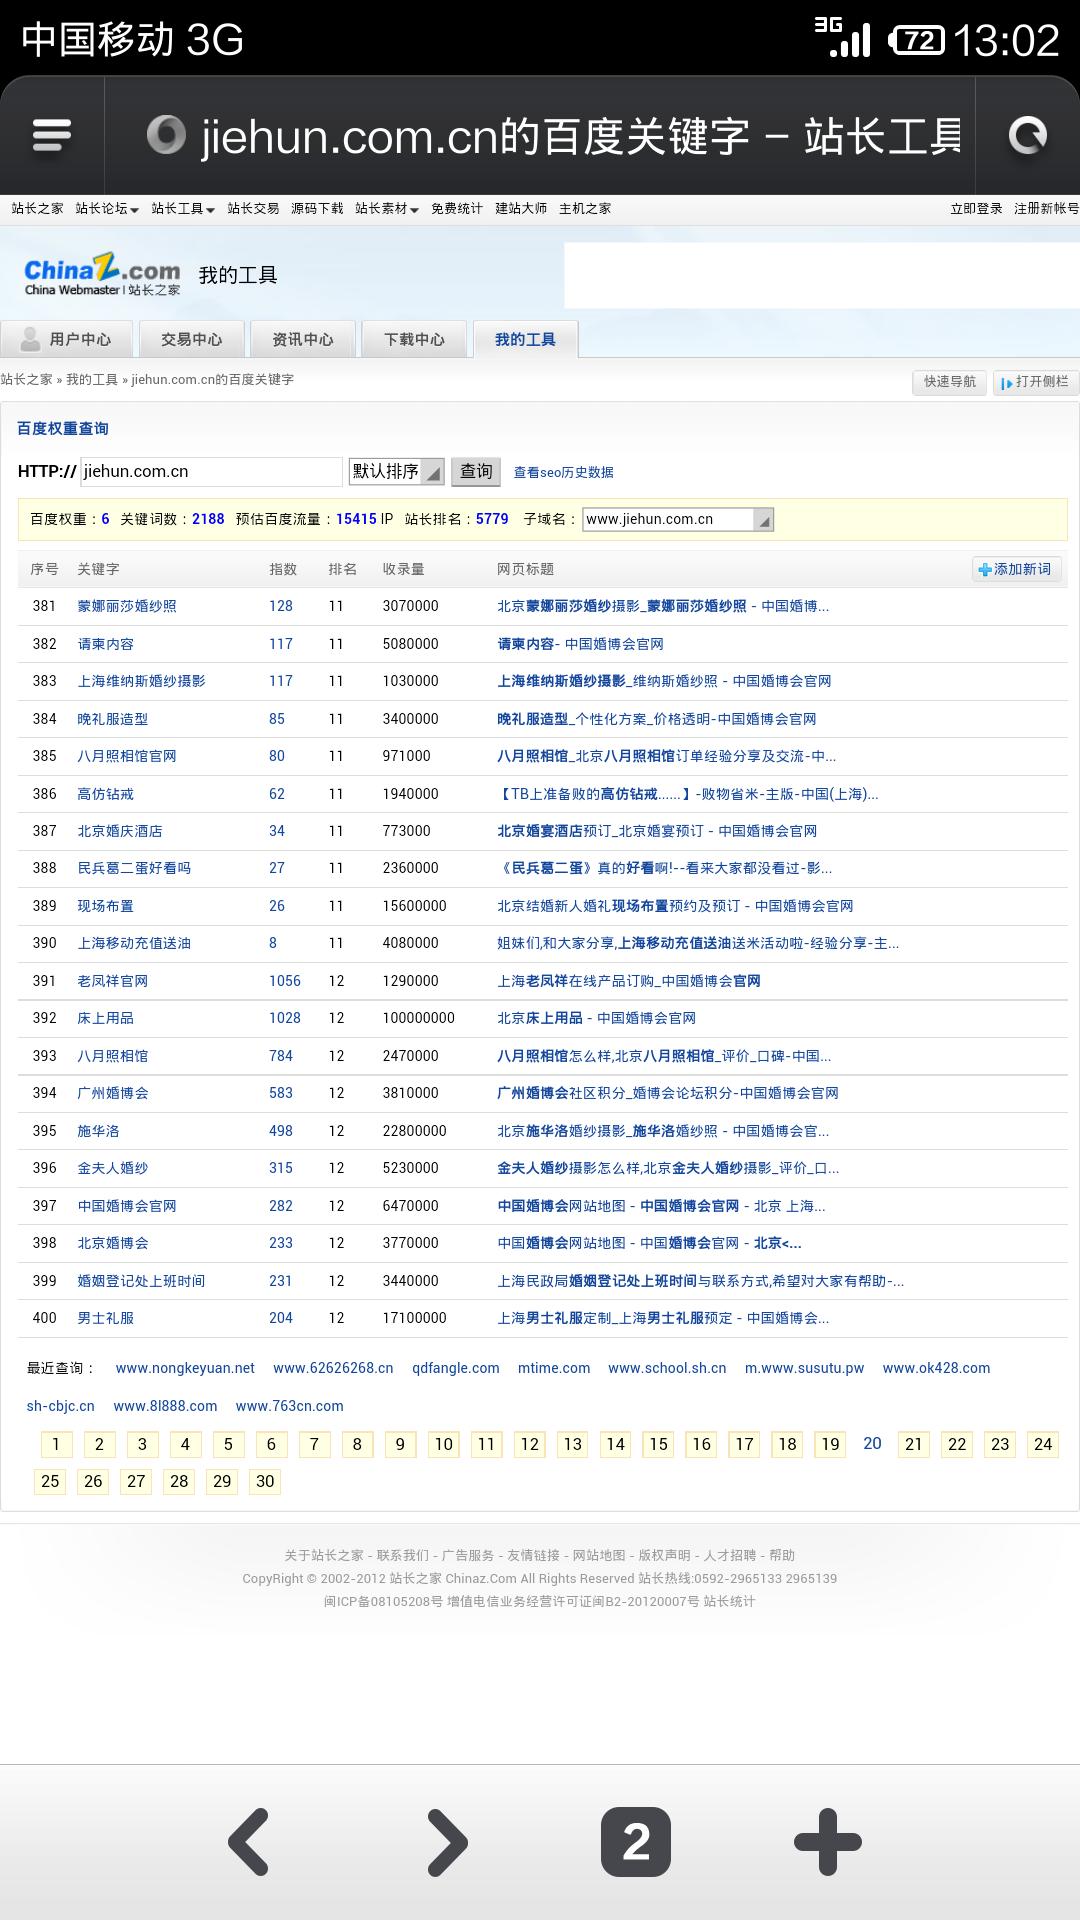 今早网站各方面的数据不变,中国站长的权重下降